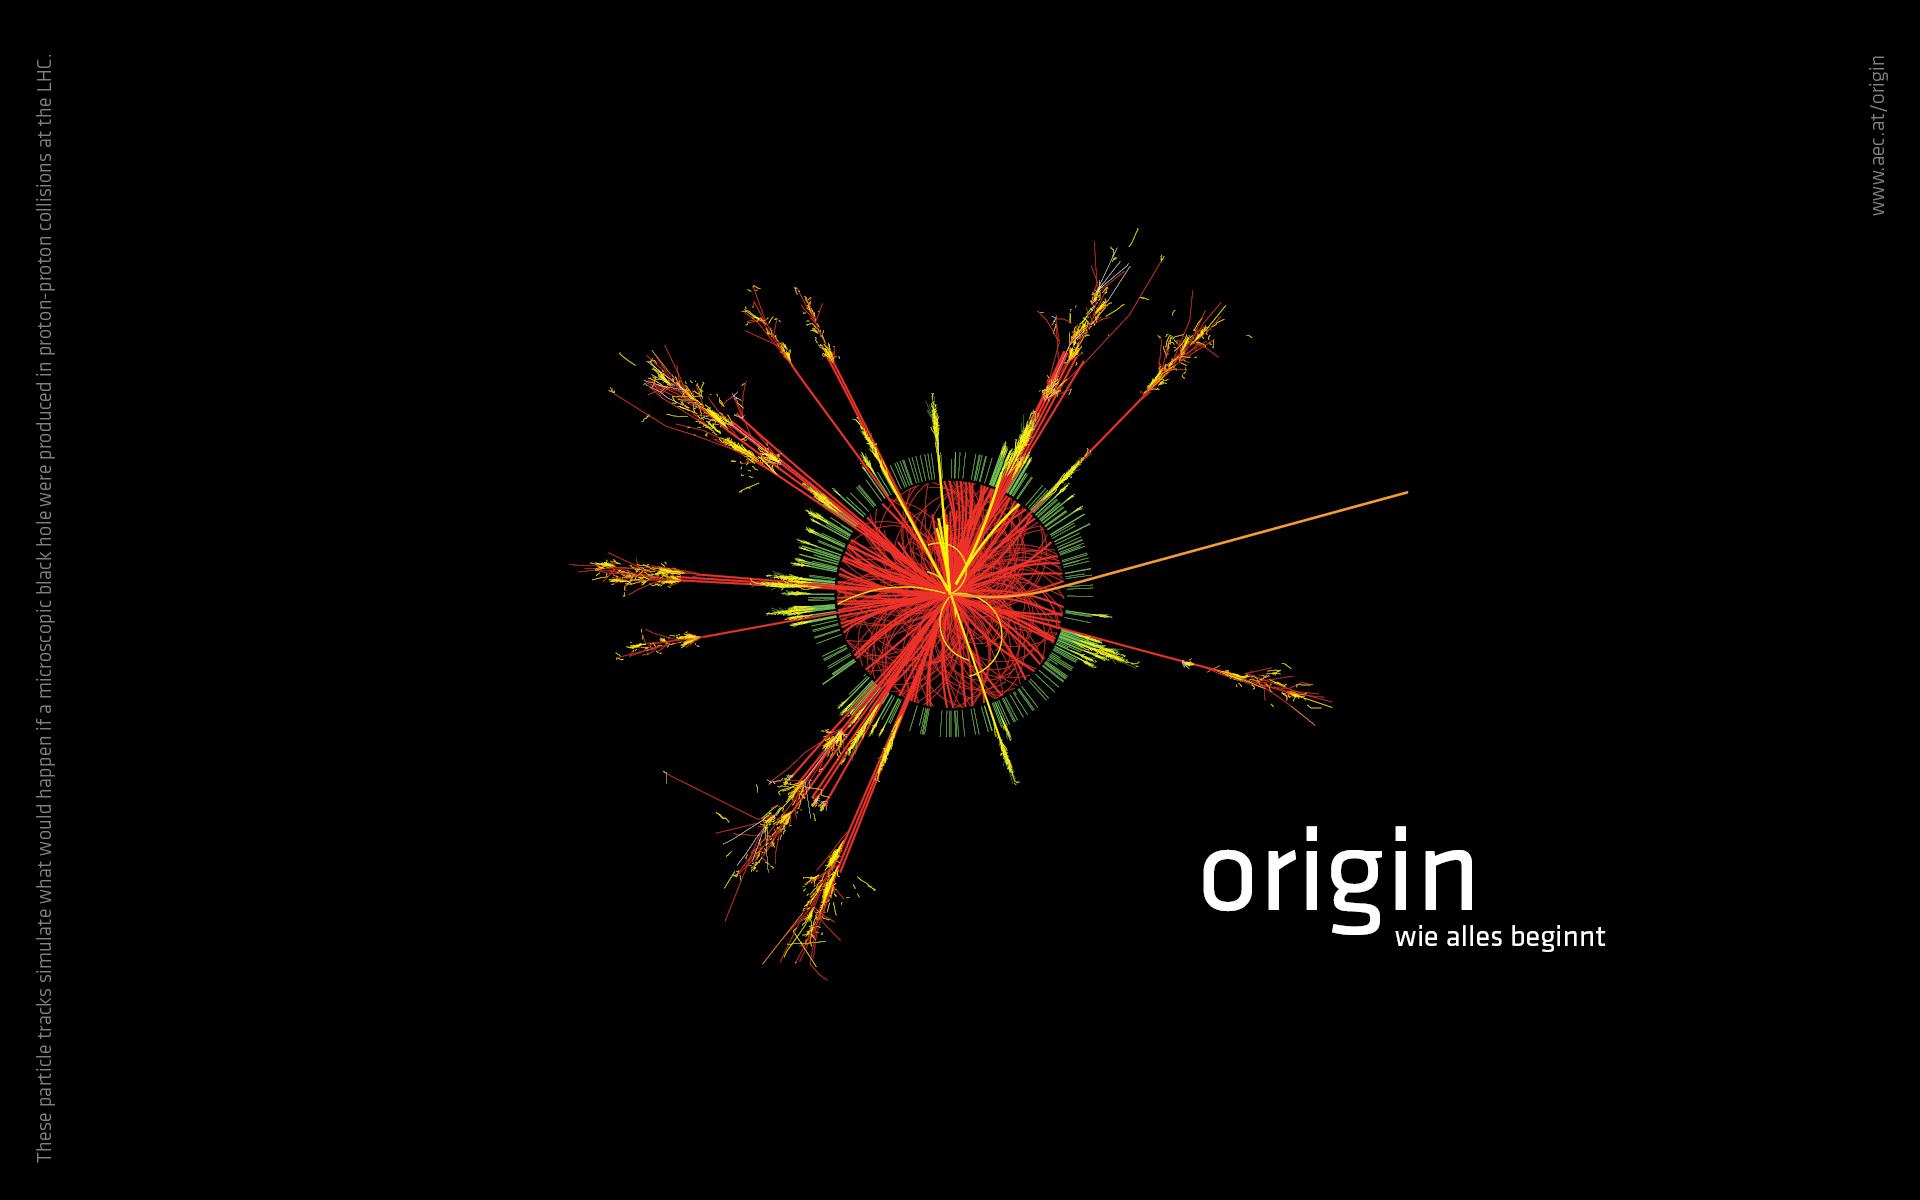 origin - photo #27